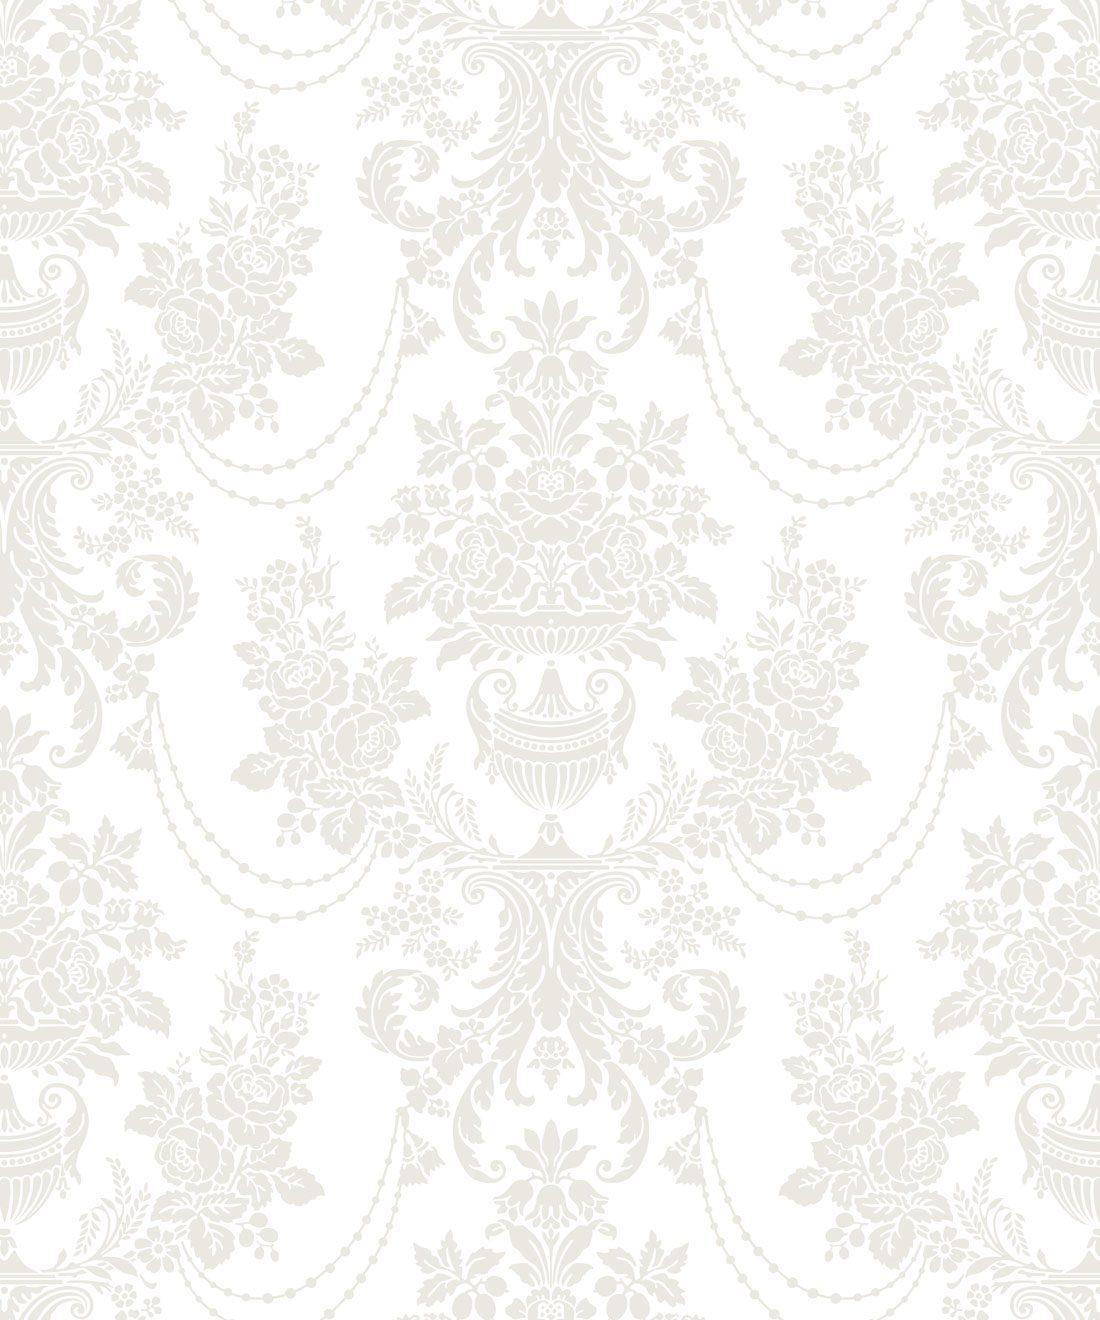 Imperial Wallpaper Whisper White